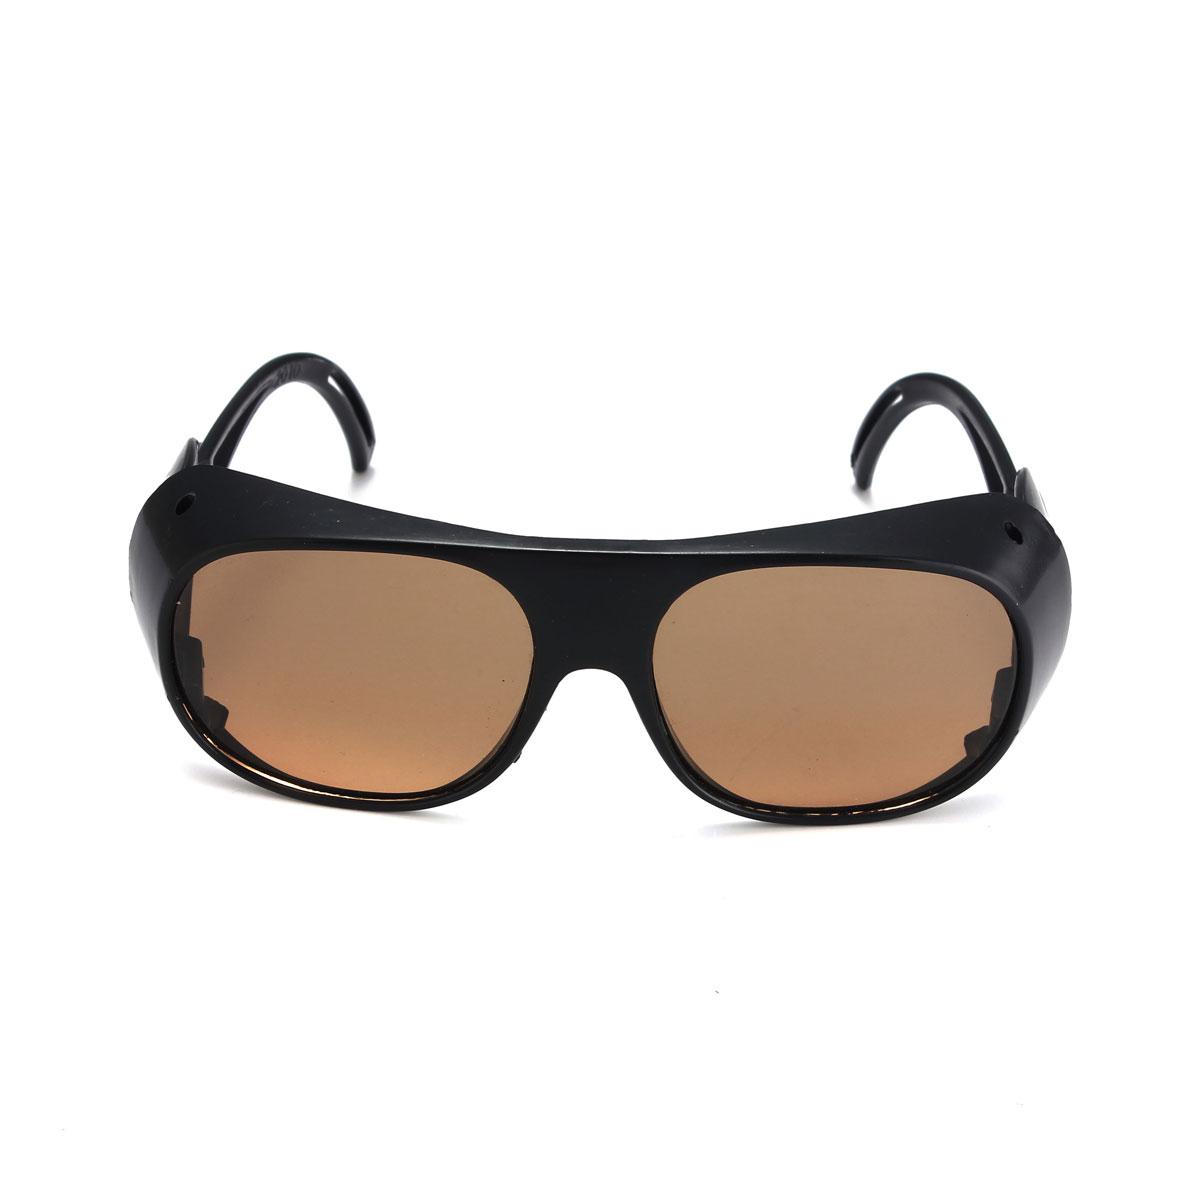 Lunette de soudage masque soudure lentille protection yeux s curit eyewear ebay - Lunette de soudure ...